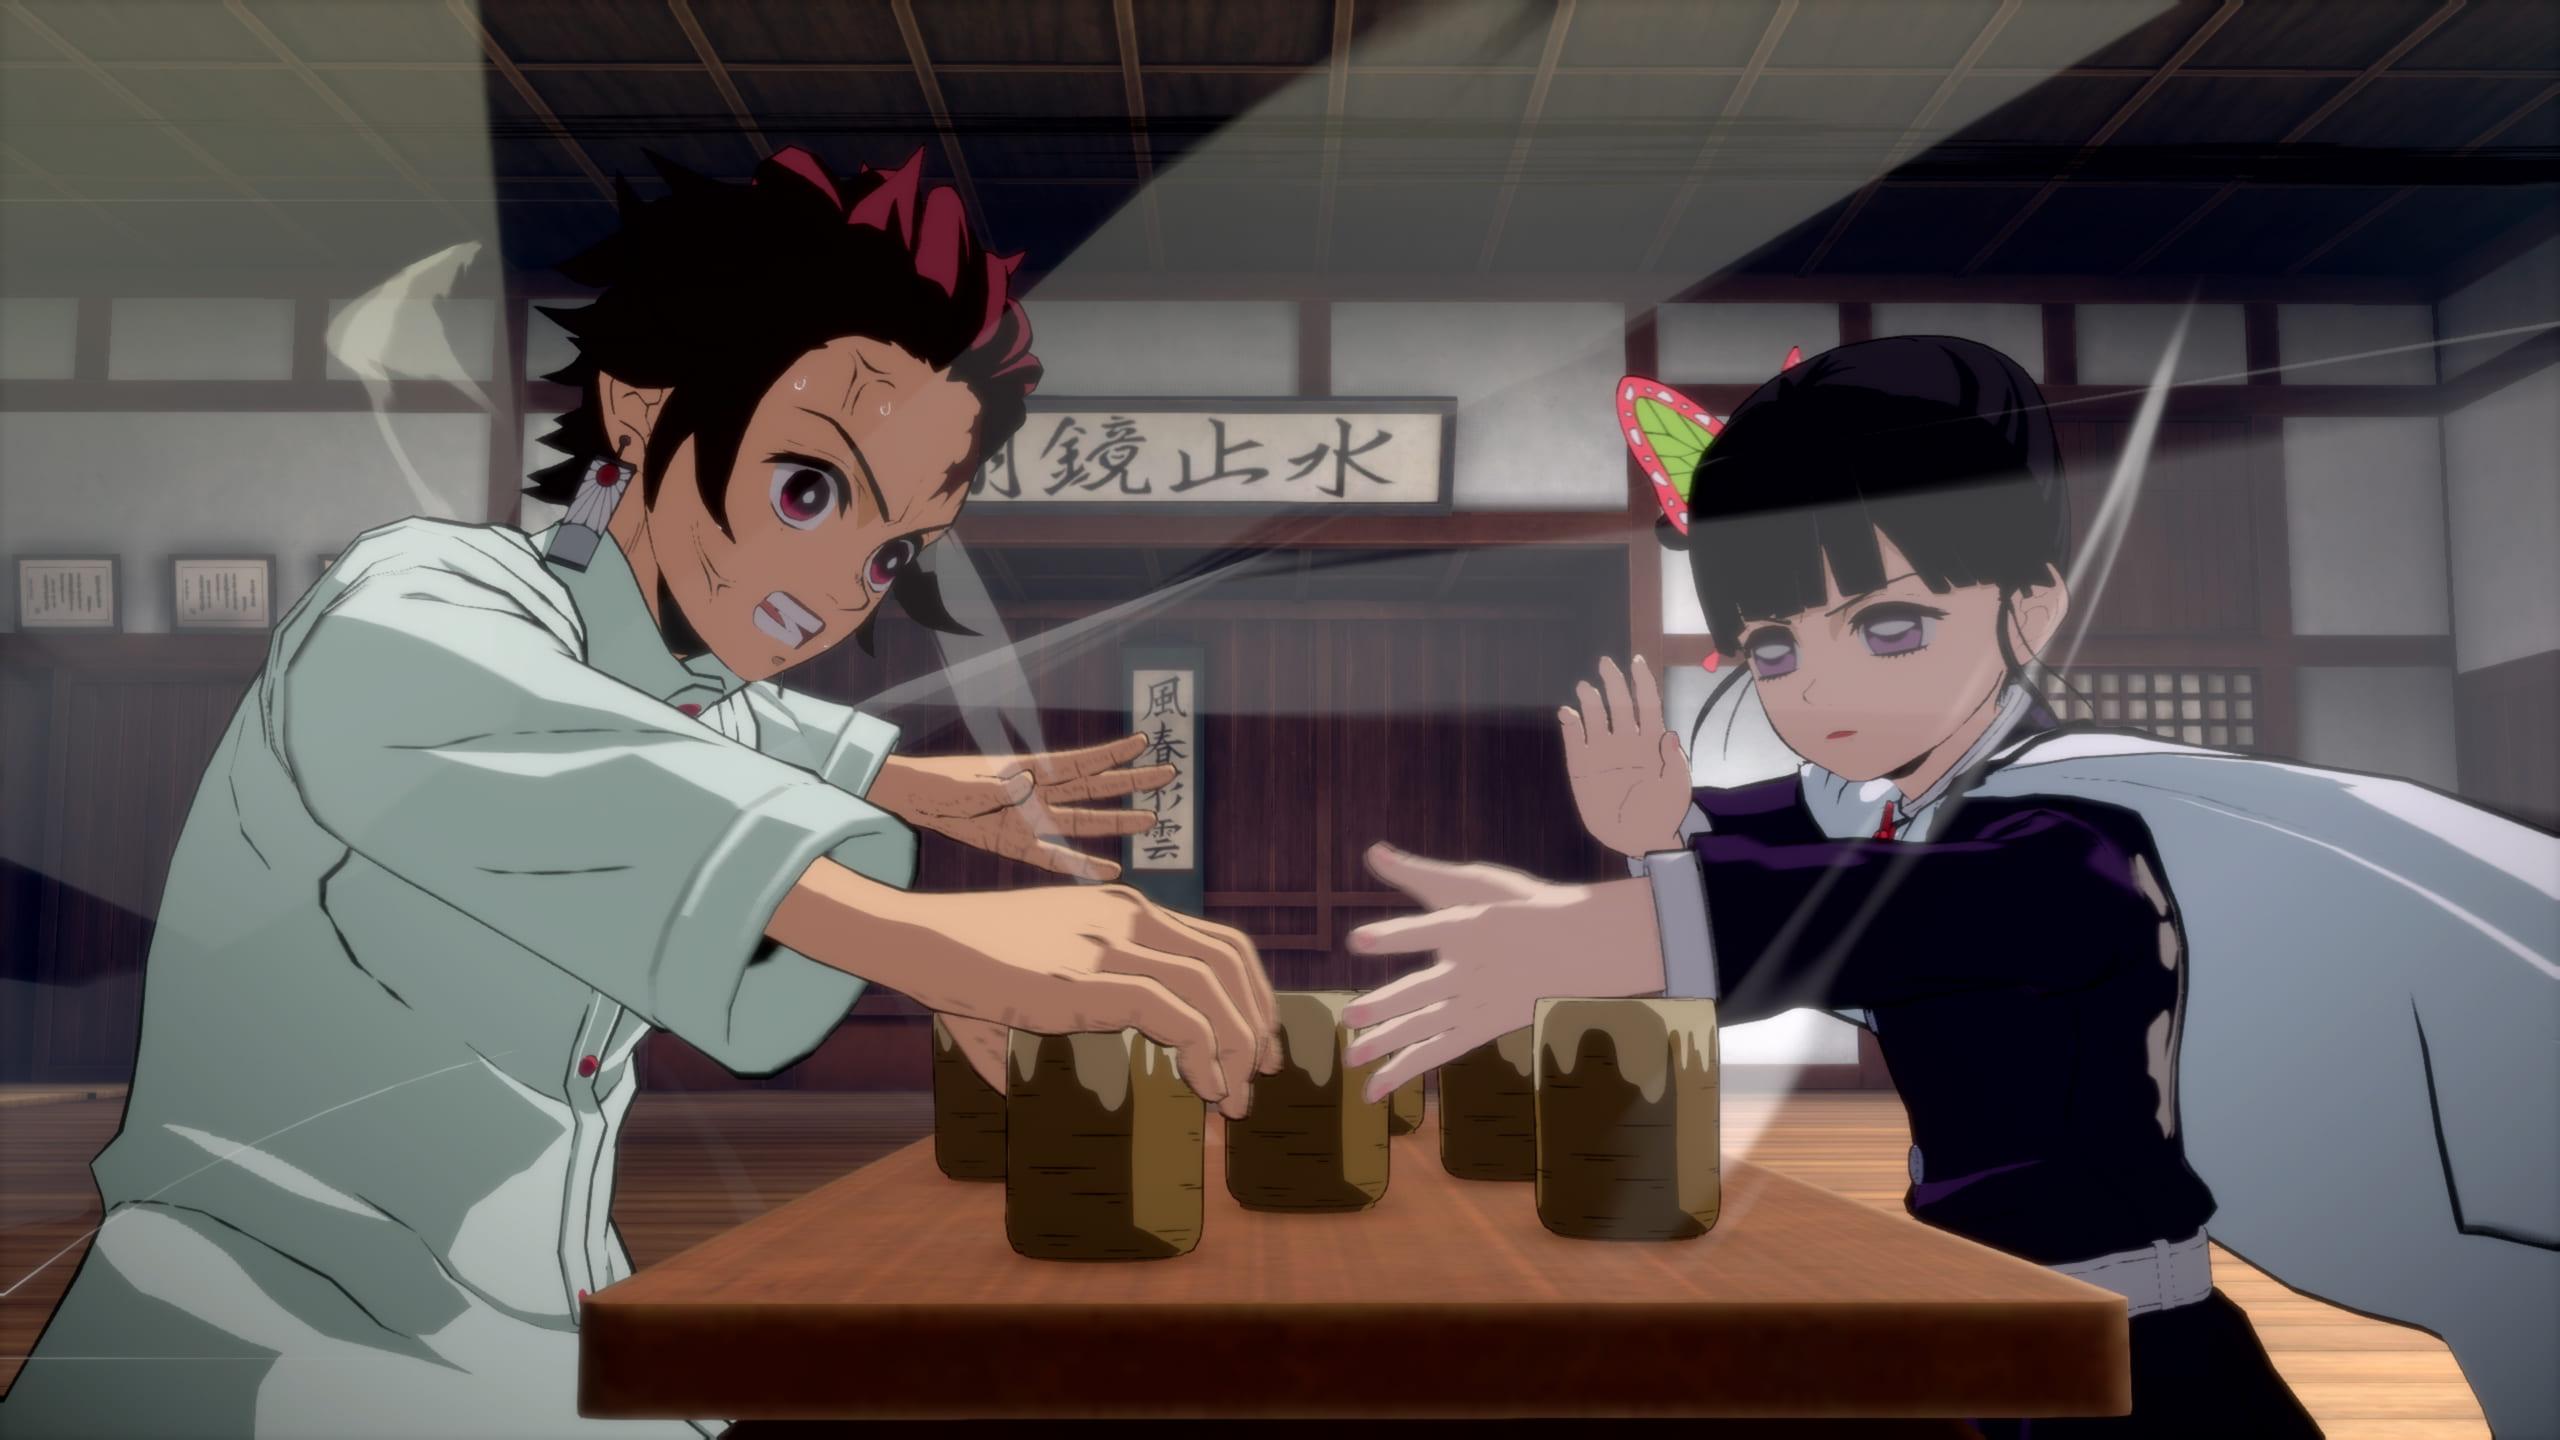 ゲーム内スクリーンショット -ソロプレイモード「蝶屋敷」-炭治郎とカナヲがバトル